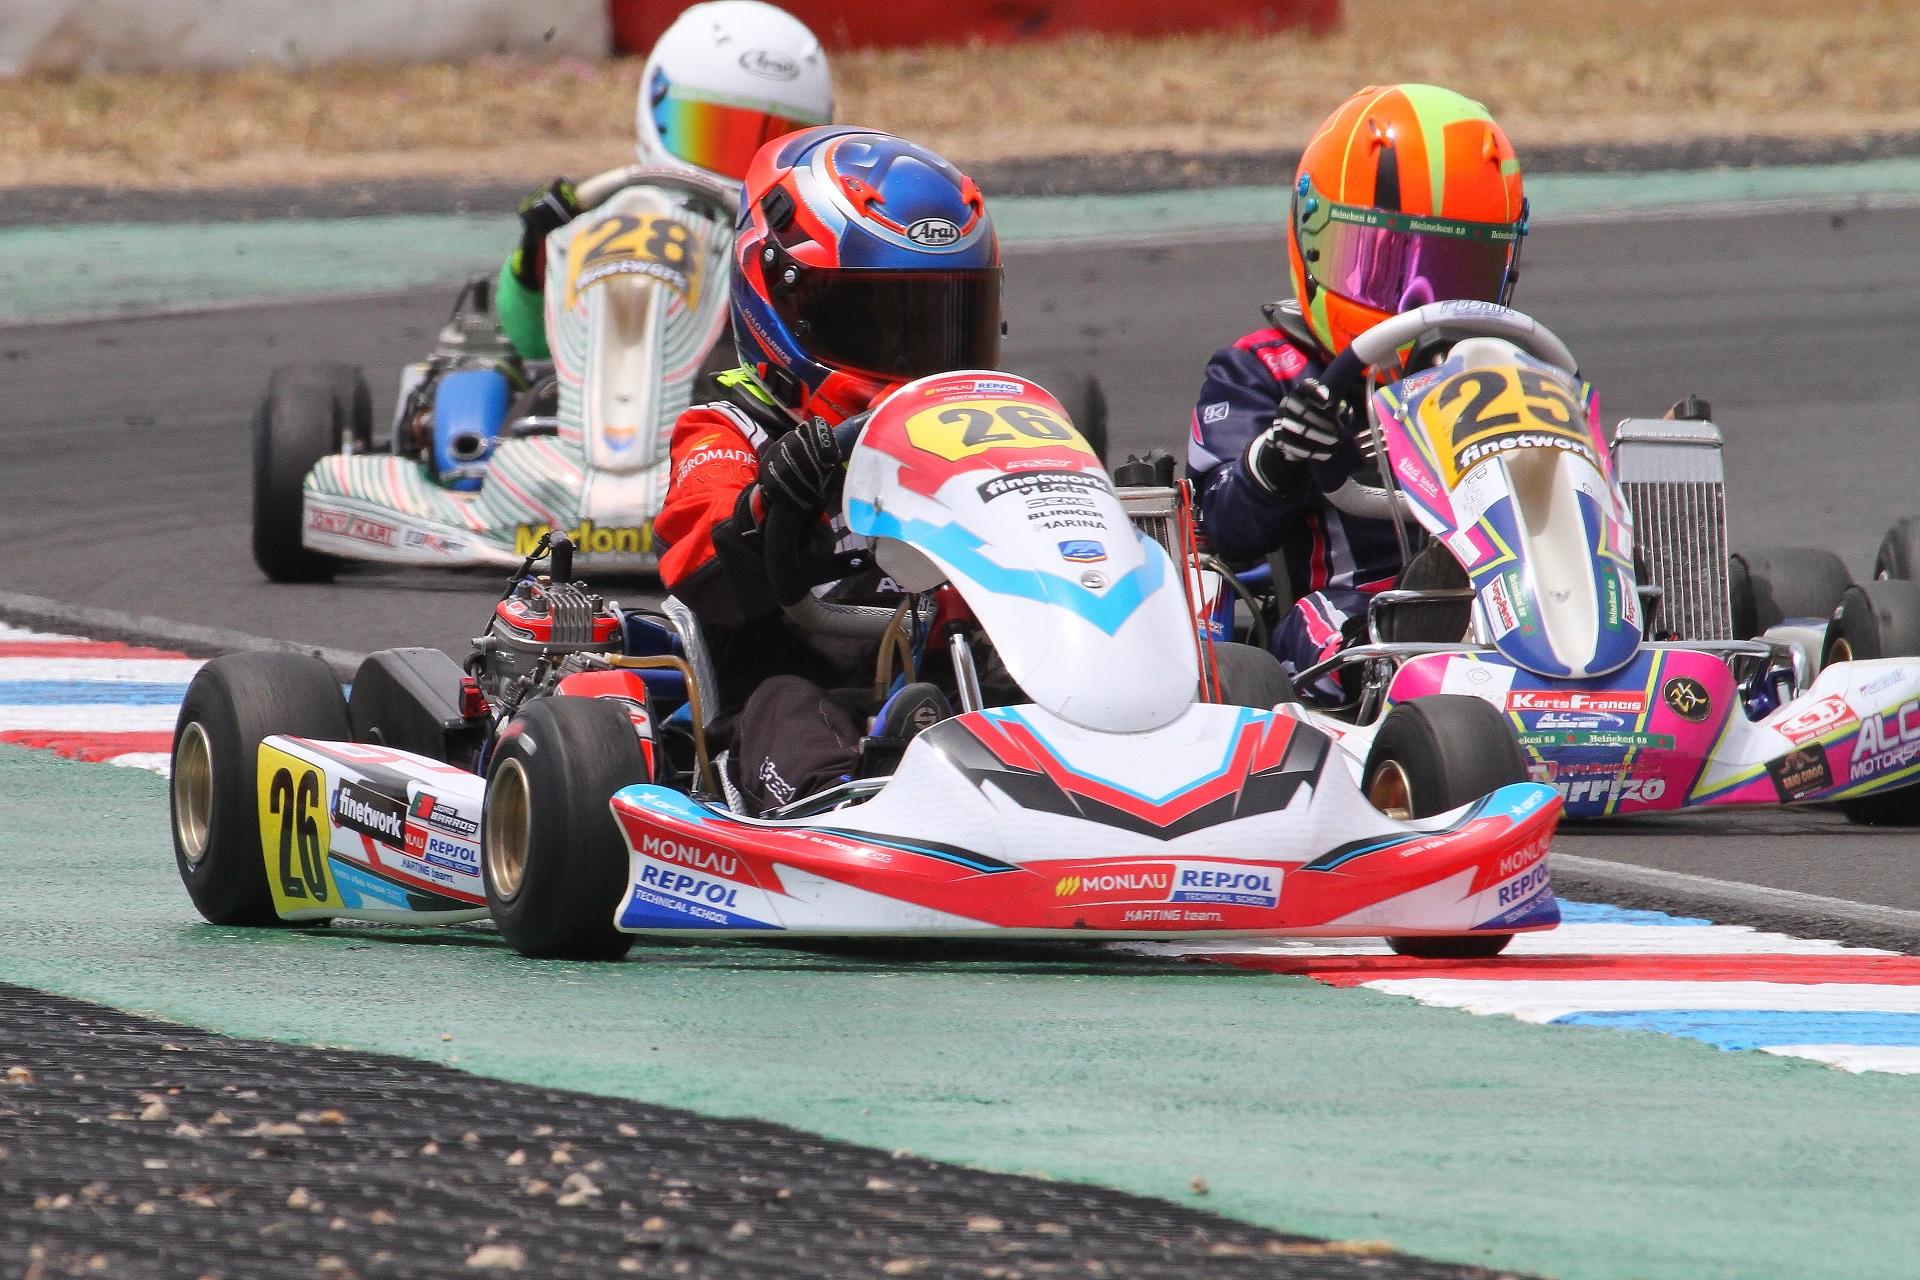 João Barros e Romeu Mello estrearam-se na Campeonato de Espanha Mini-Rookie